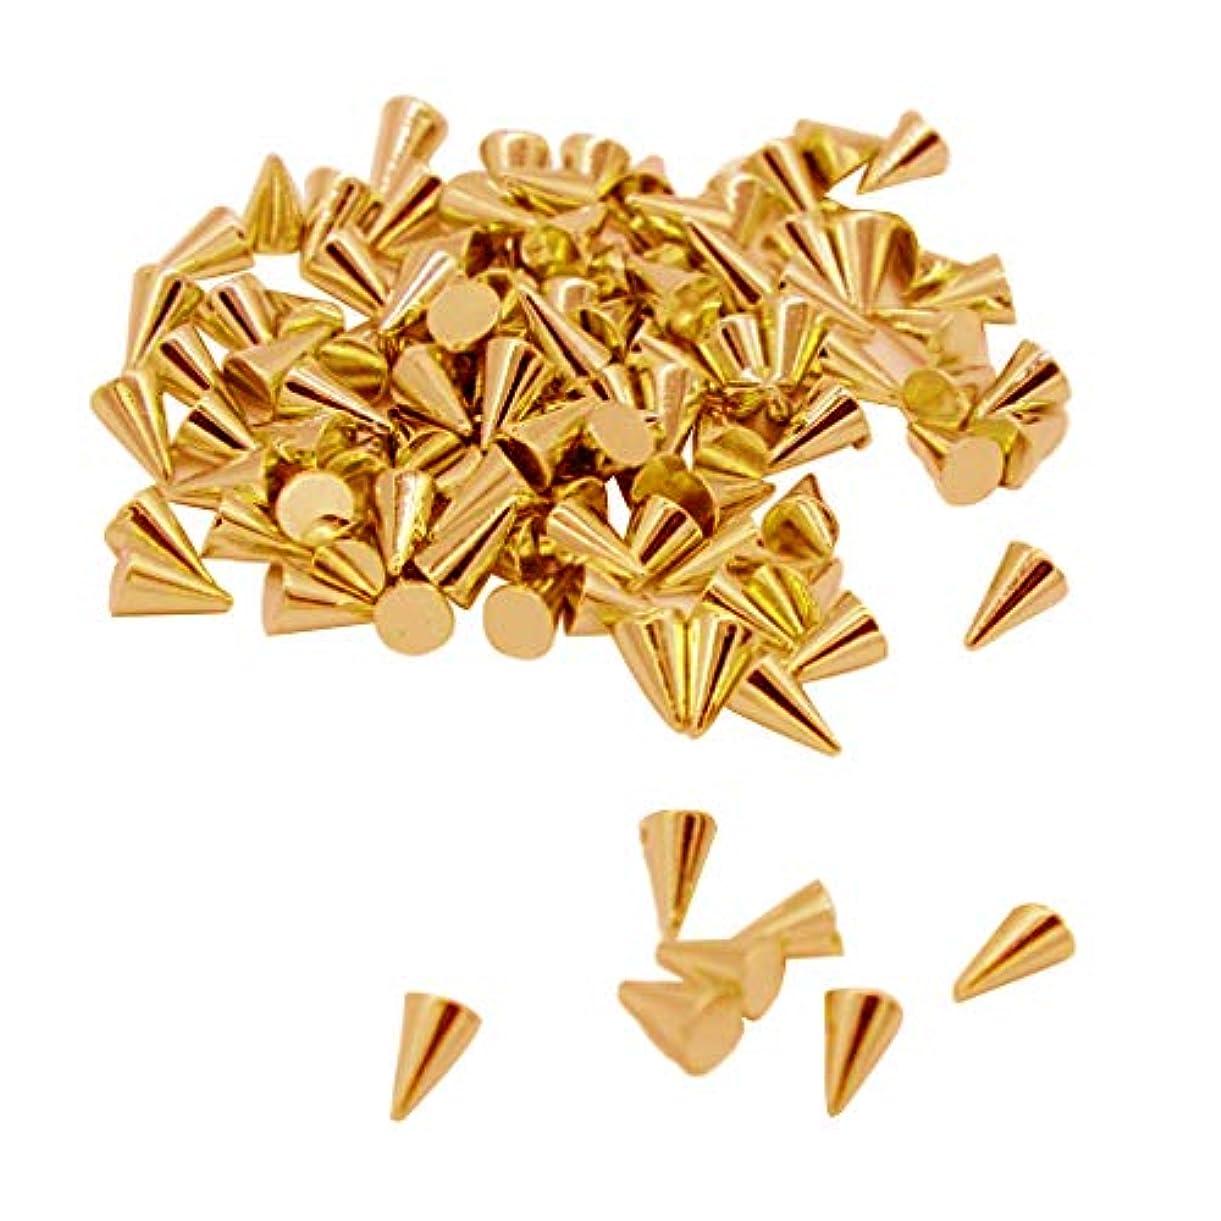 売る子音メッセージラピッド リベット 装飾や修理用 円錐形 プラスチック 約100個 ゴールデン